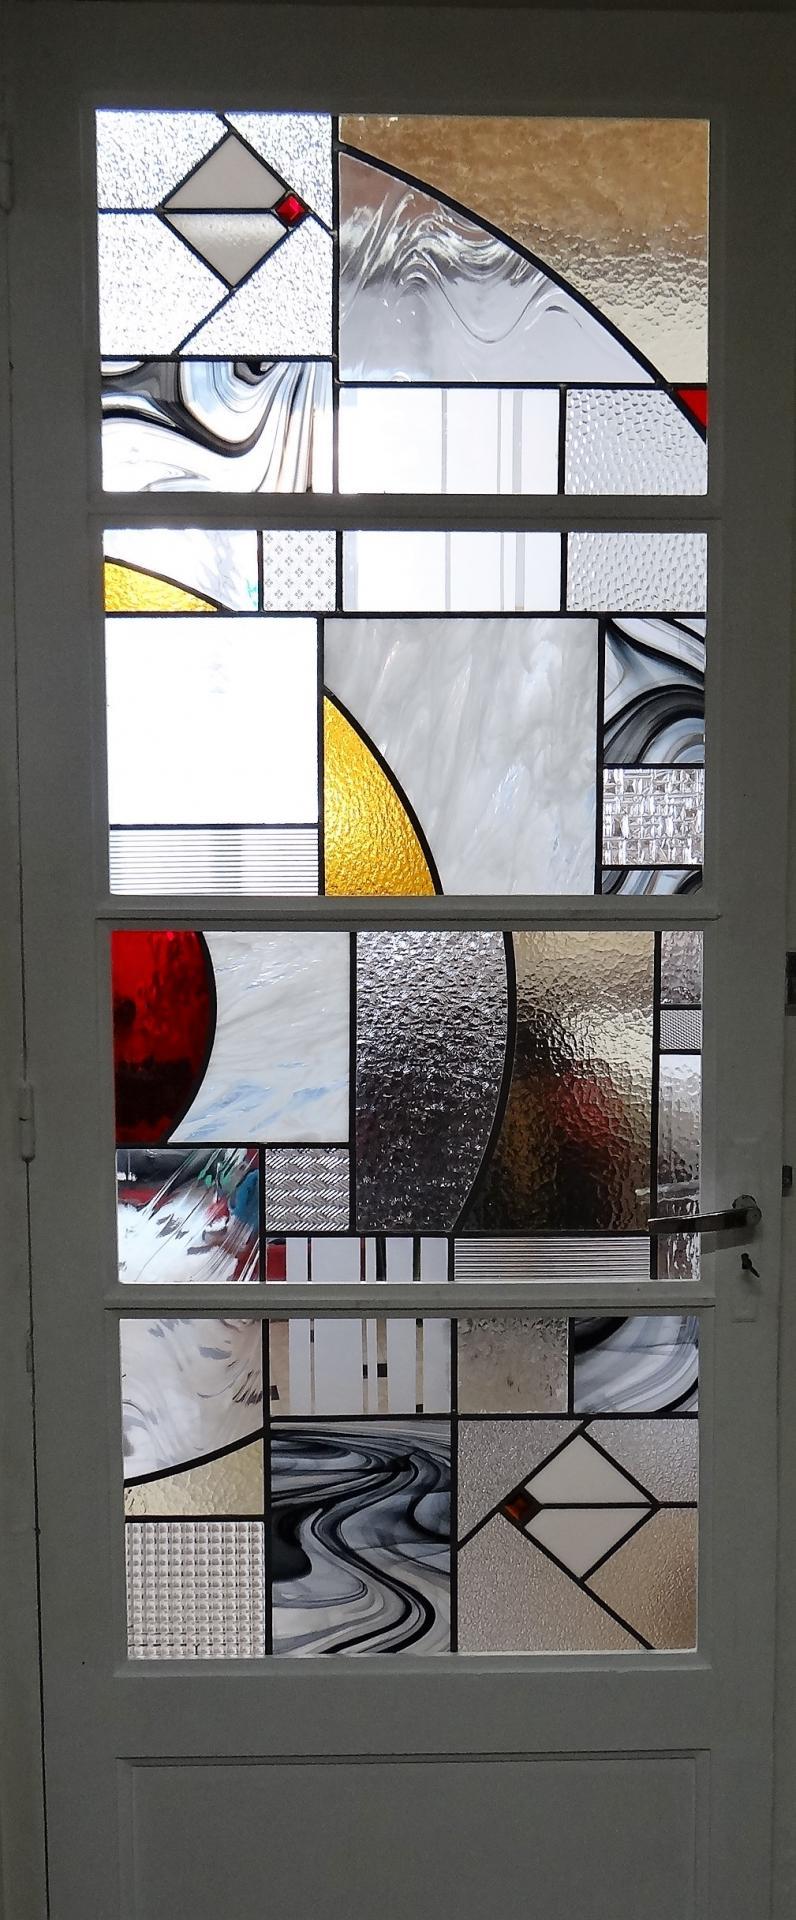 vitrail contemporain d'inspiration art-déco, création de Marion Rusconi